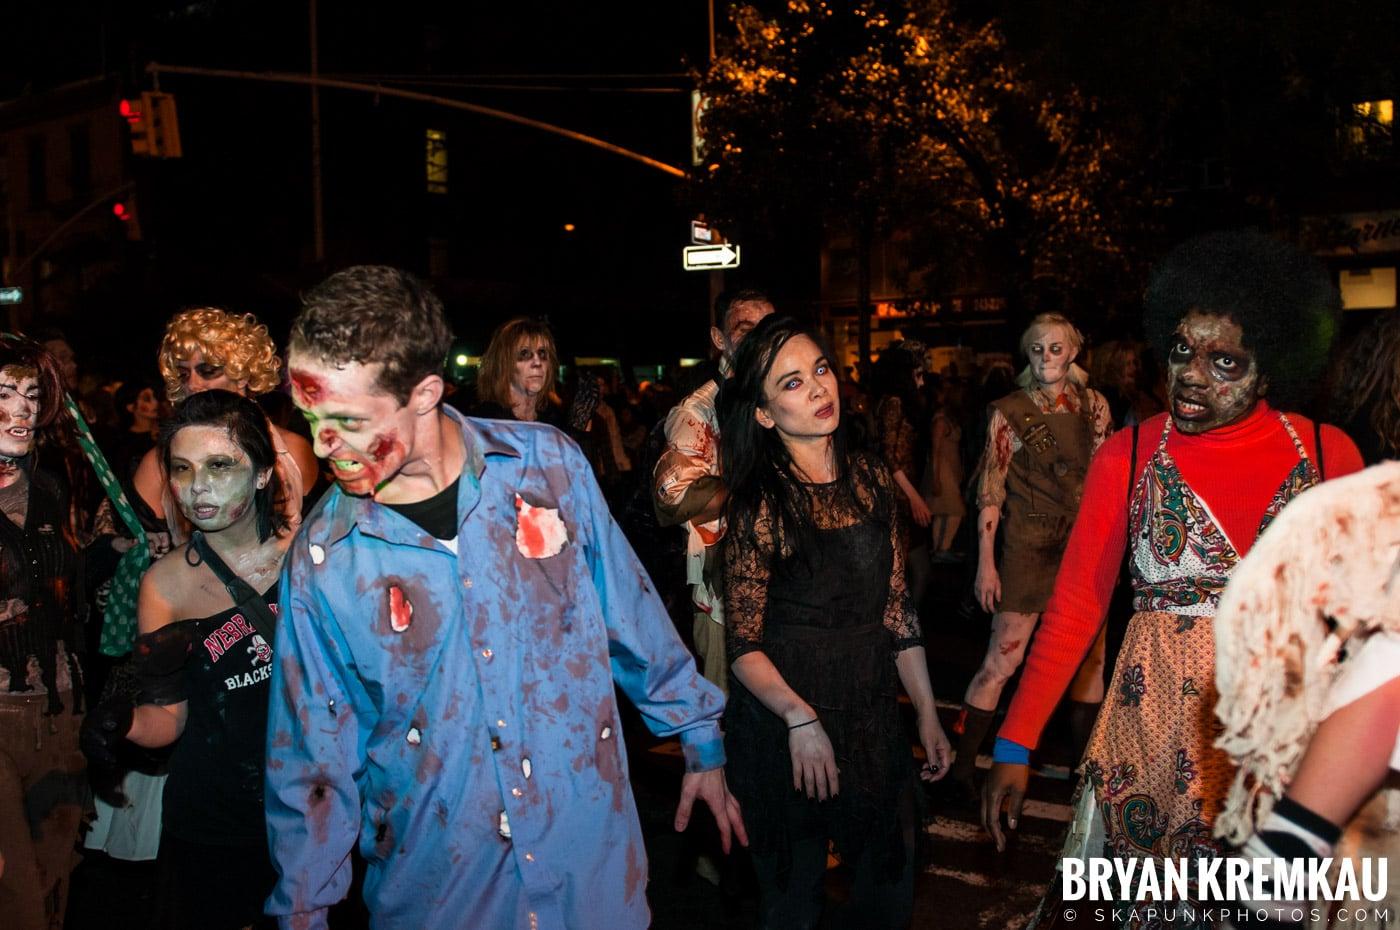 NYC Halloween Parade 2011 @ New York, NY - 10.31.11 (81)